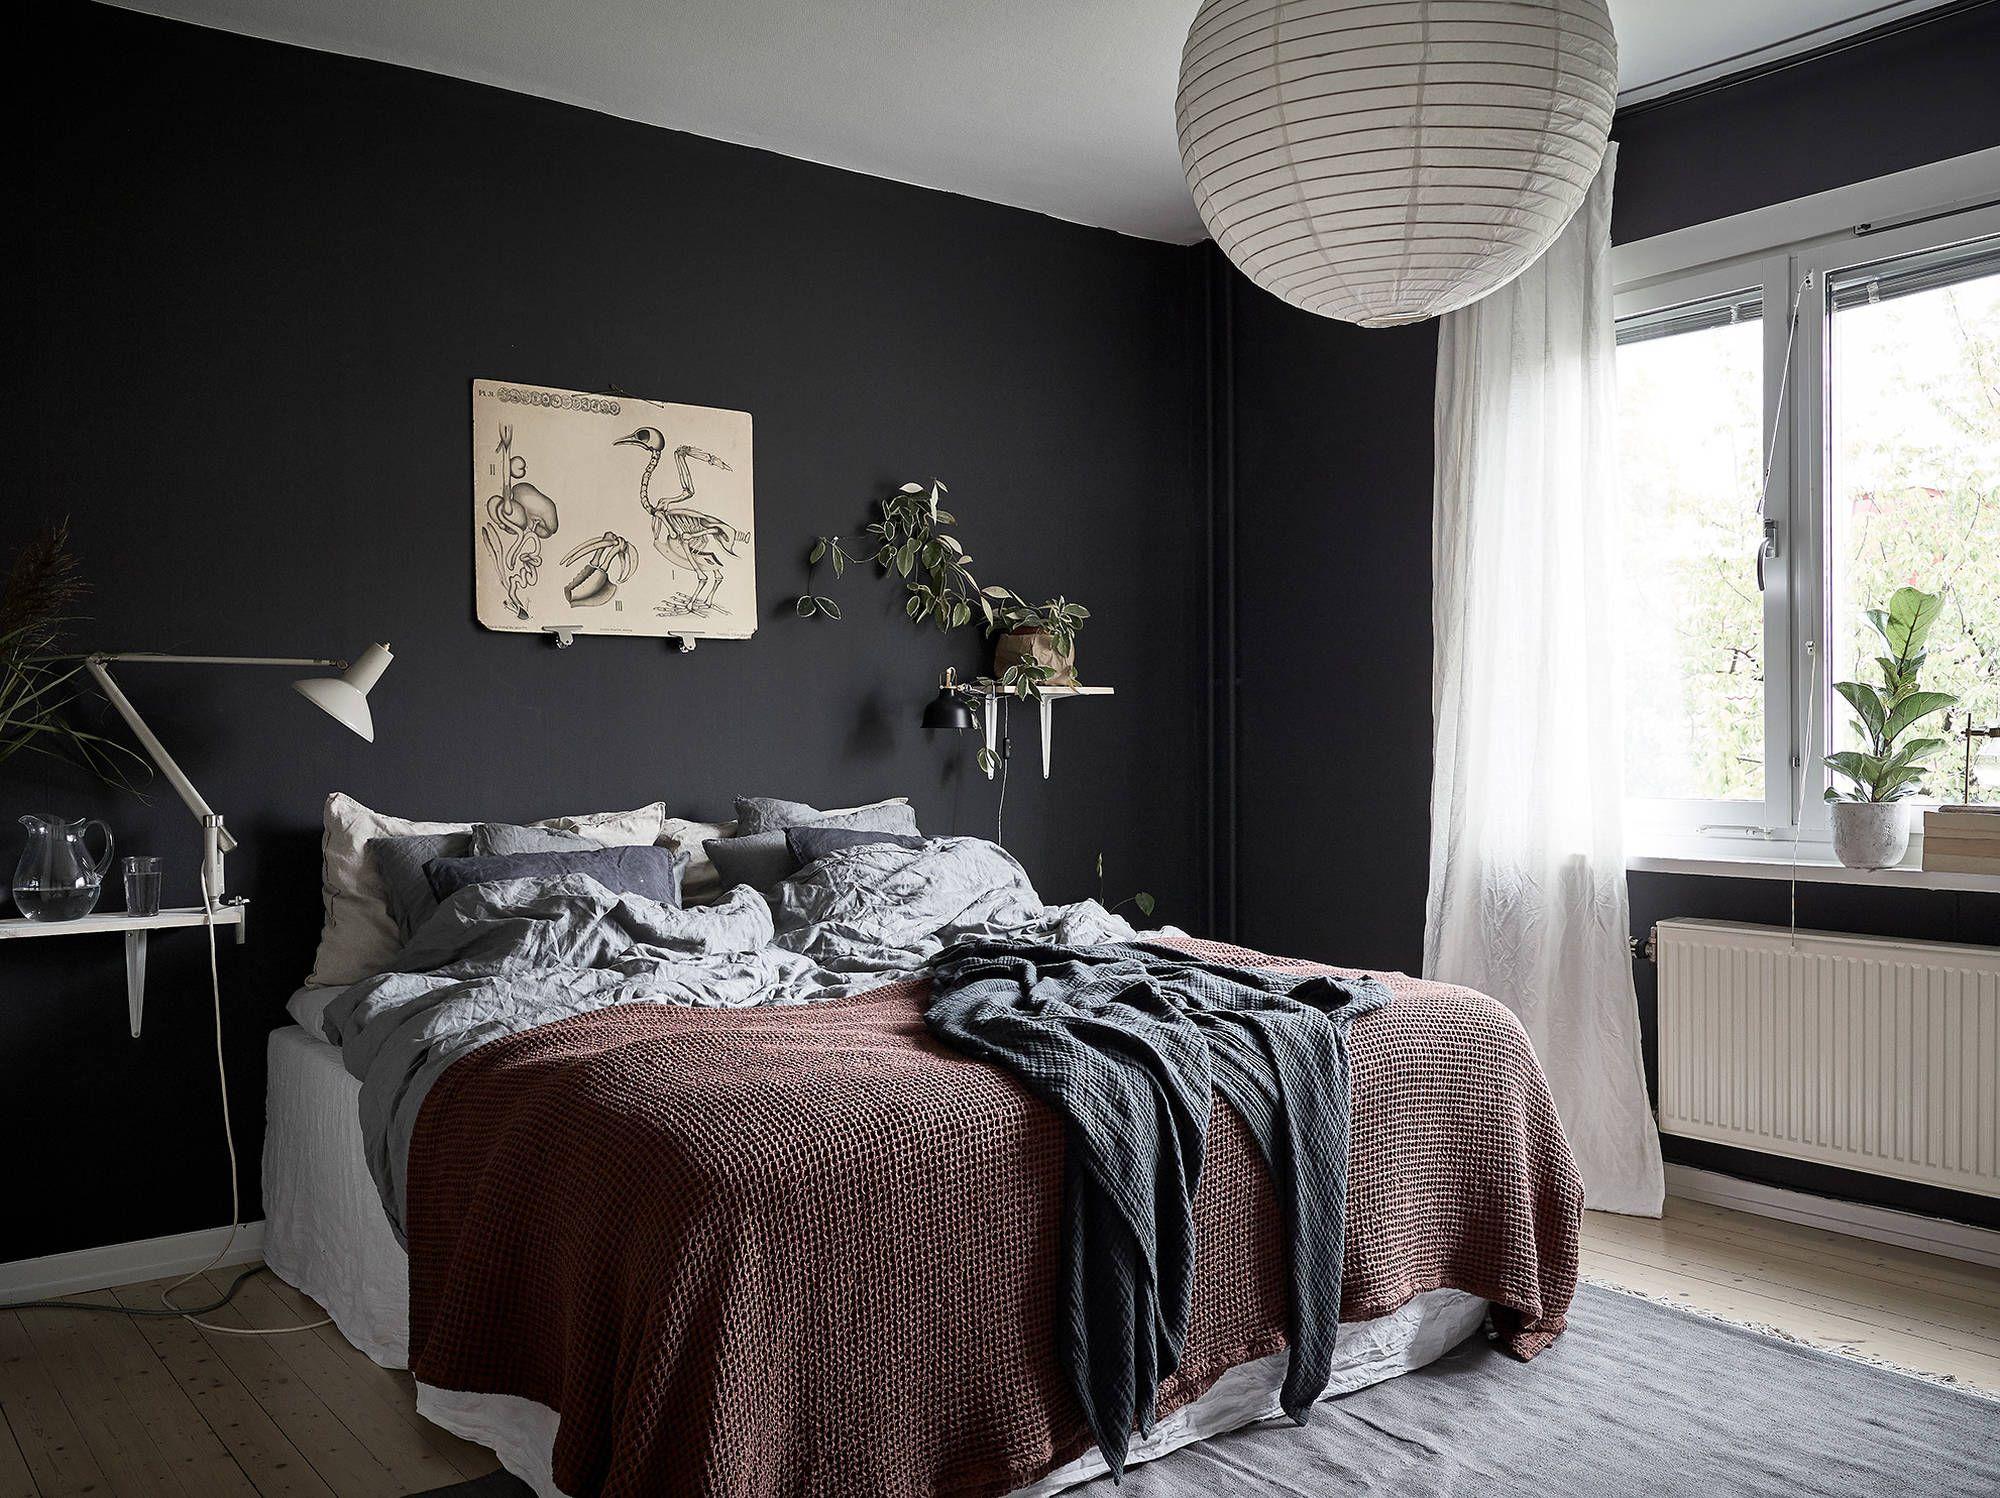 Zwarte Slaapkamer Muur : Fijne combi een zwarte slaapkamer en heel veel planten